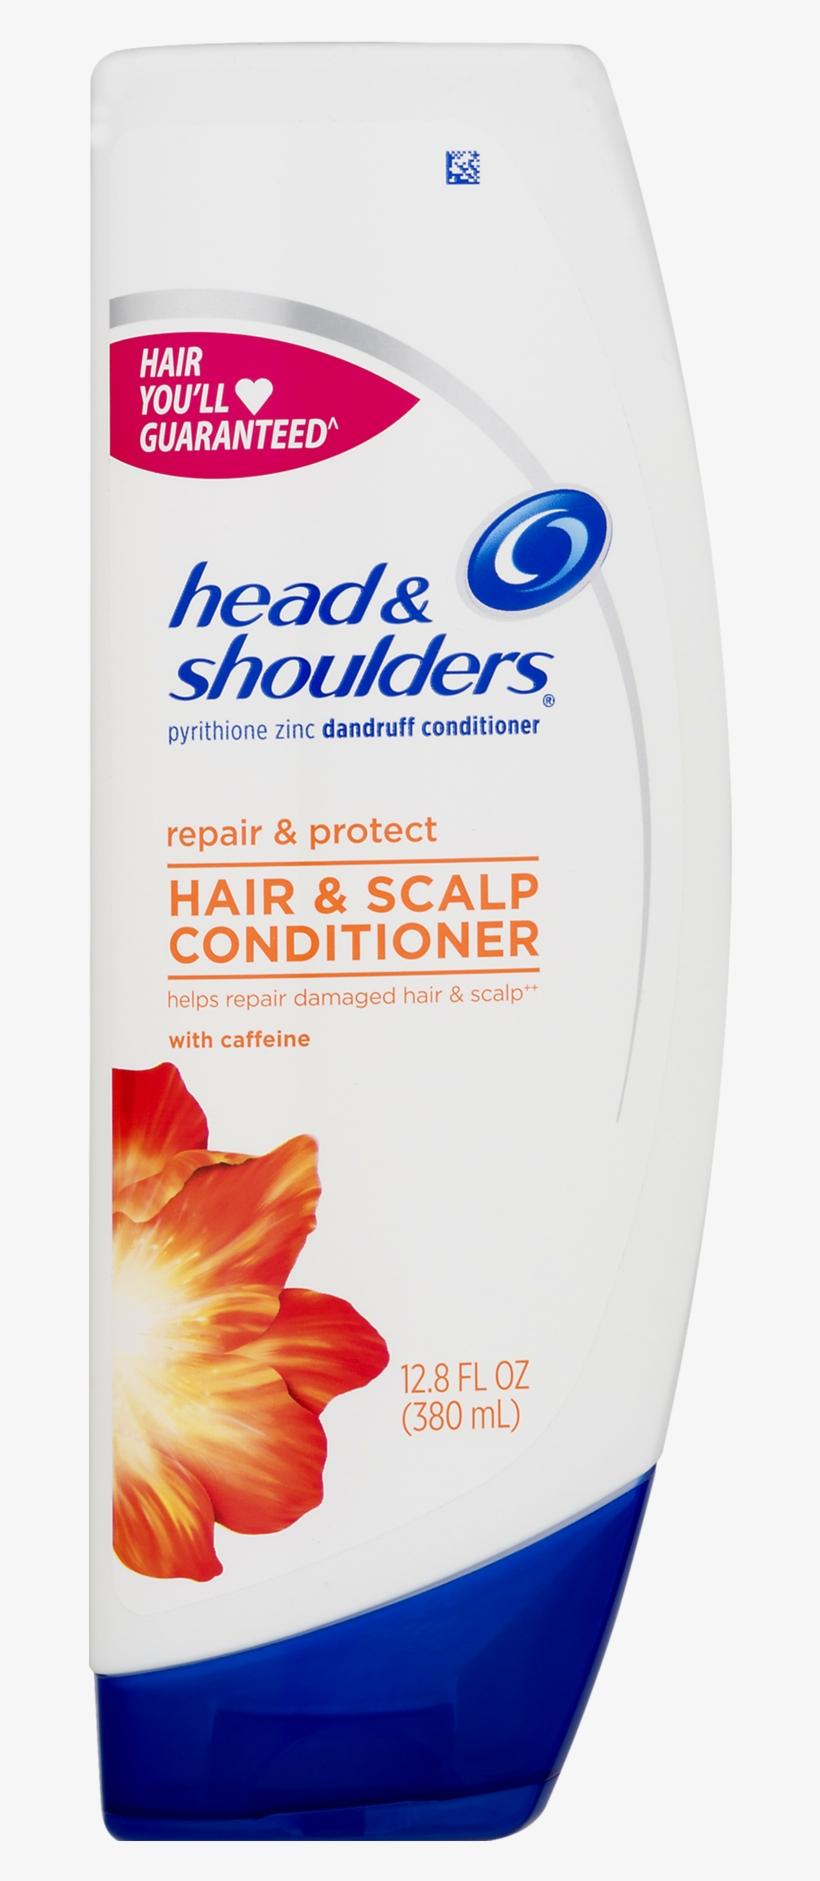 Head & Shoulders® Repair & Protect Hair & Scalp Dandruff - Head - Shoulders Dry Scalp Care Dandruff Conditioner, transparent png #4320190